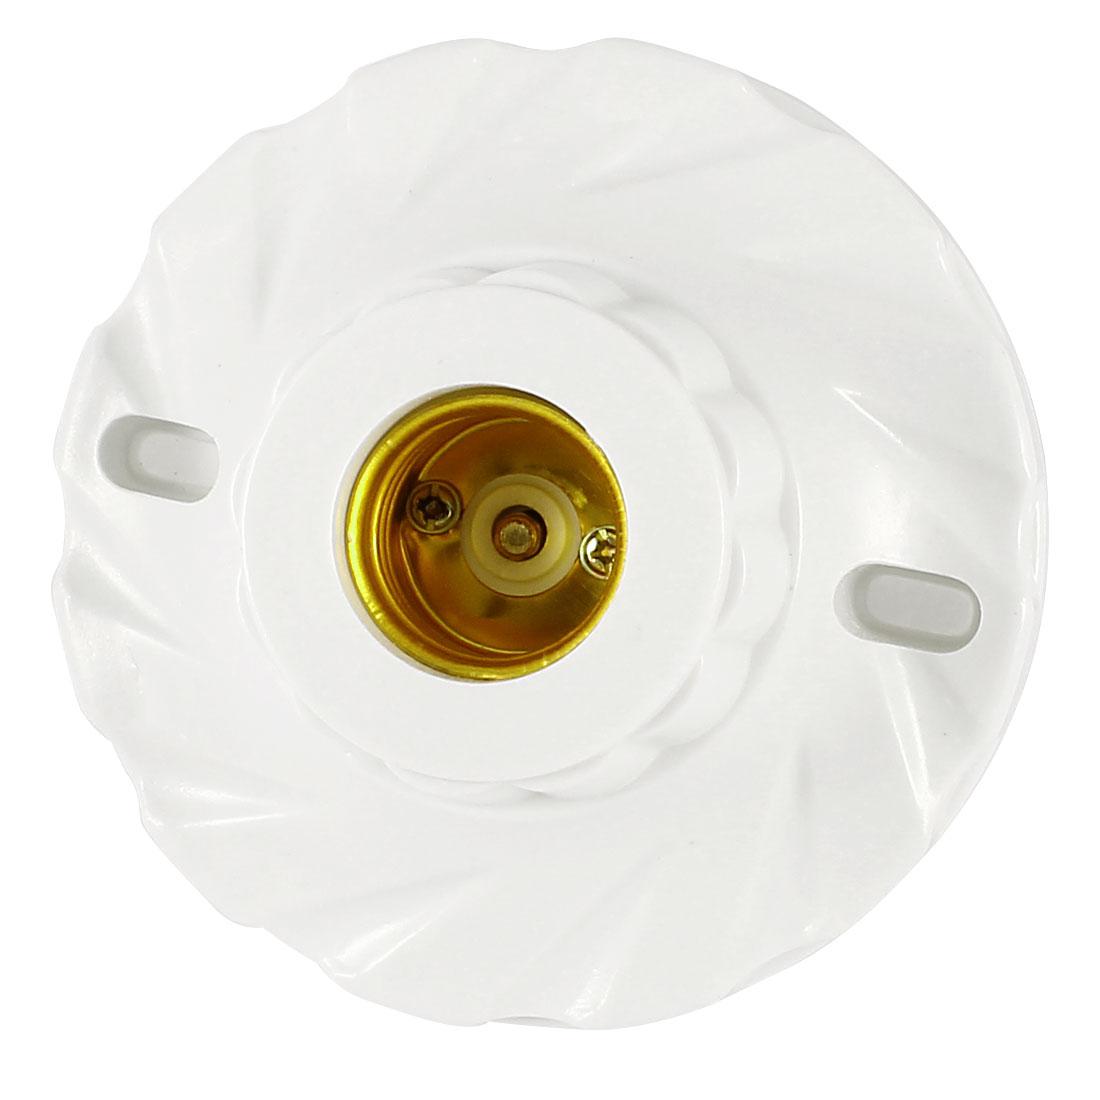 AC 250V 6A 11cm Diameter White Plastic Housing E27 Screw Base Lamp Light Holder